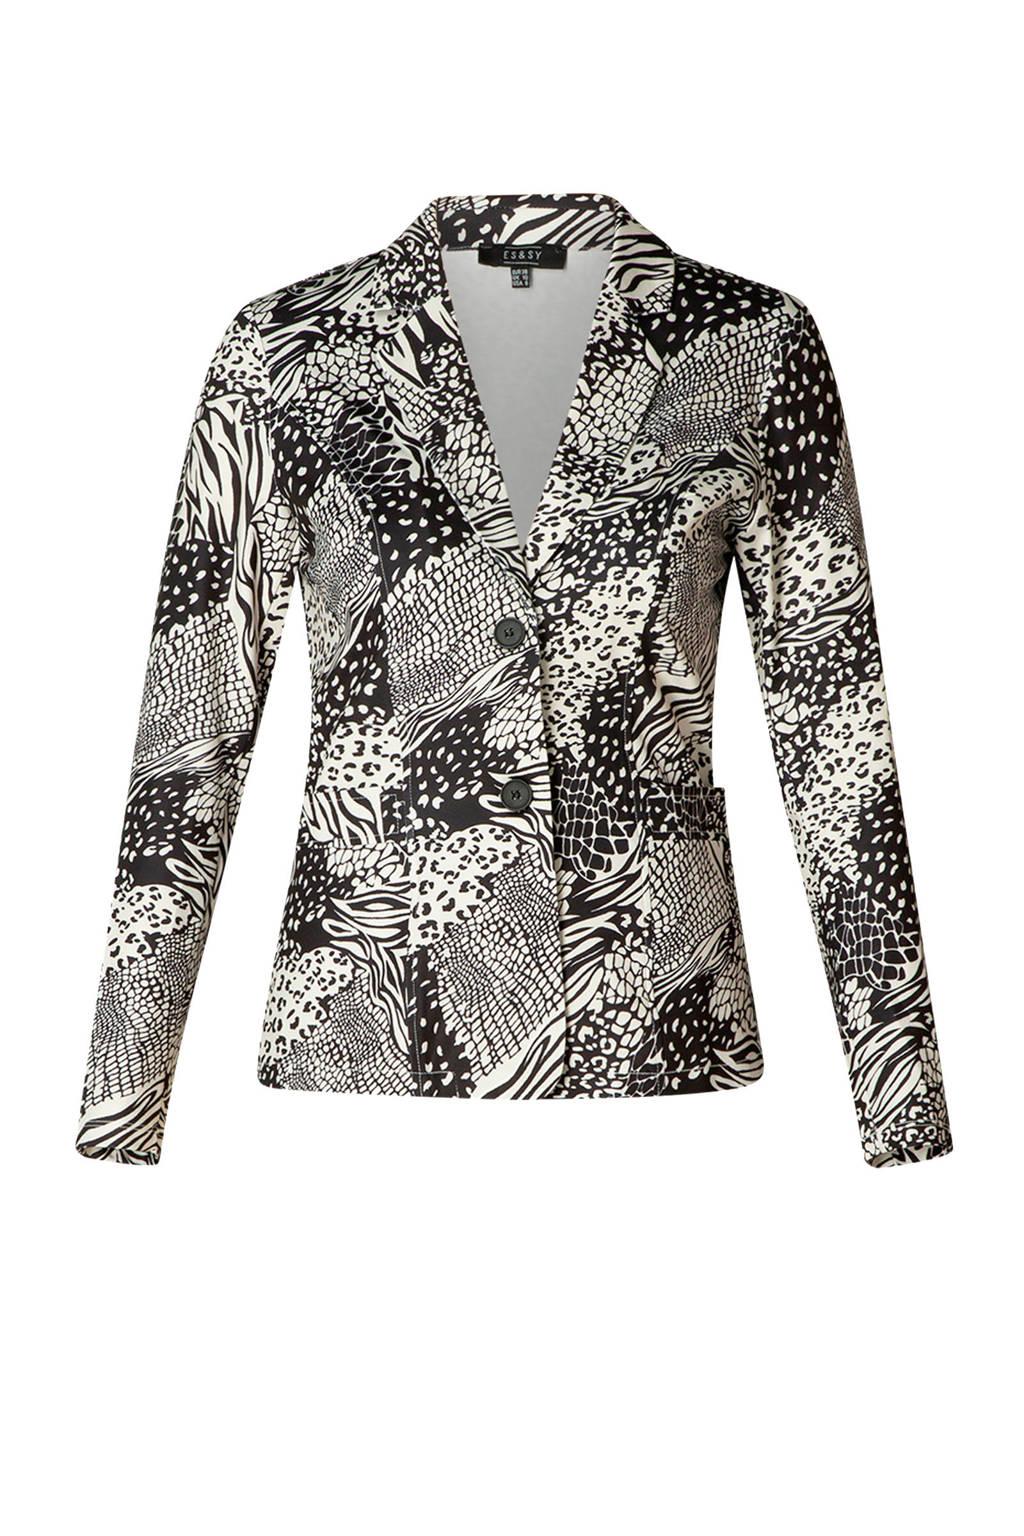 ES&SY blazer Tara met all over print zwart/wit, Zwart/wit